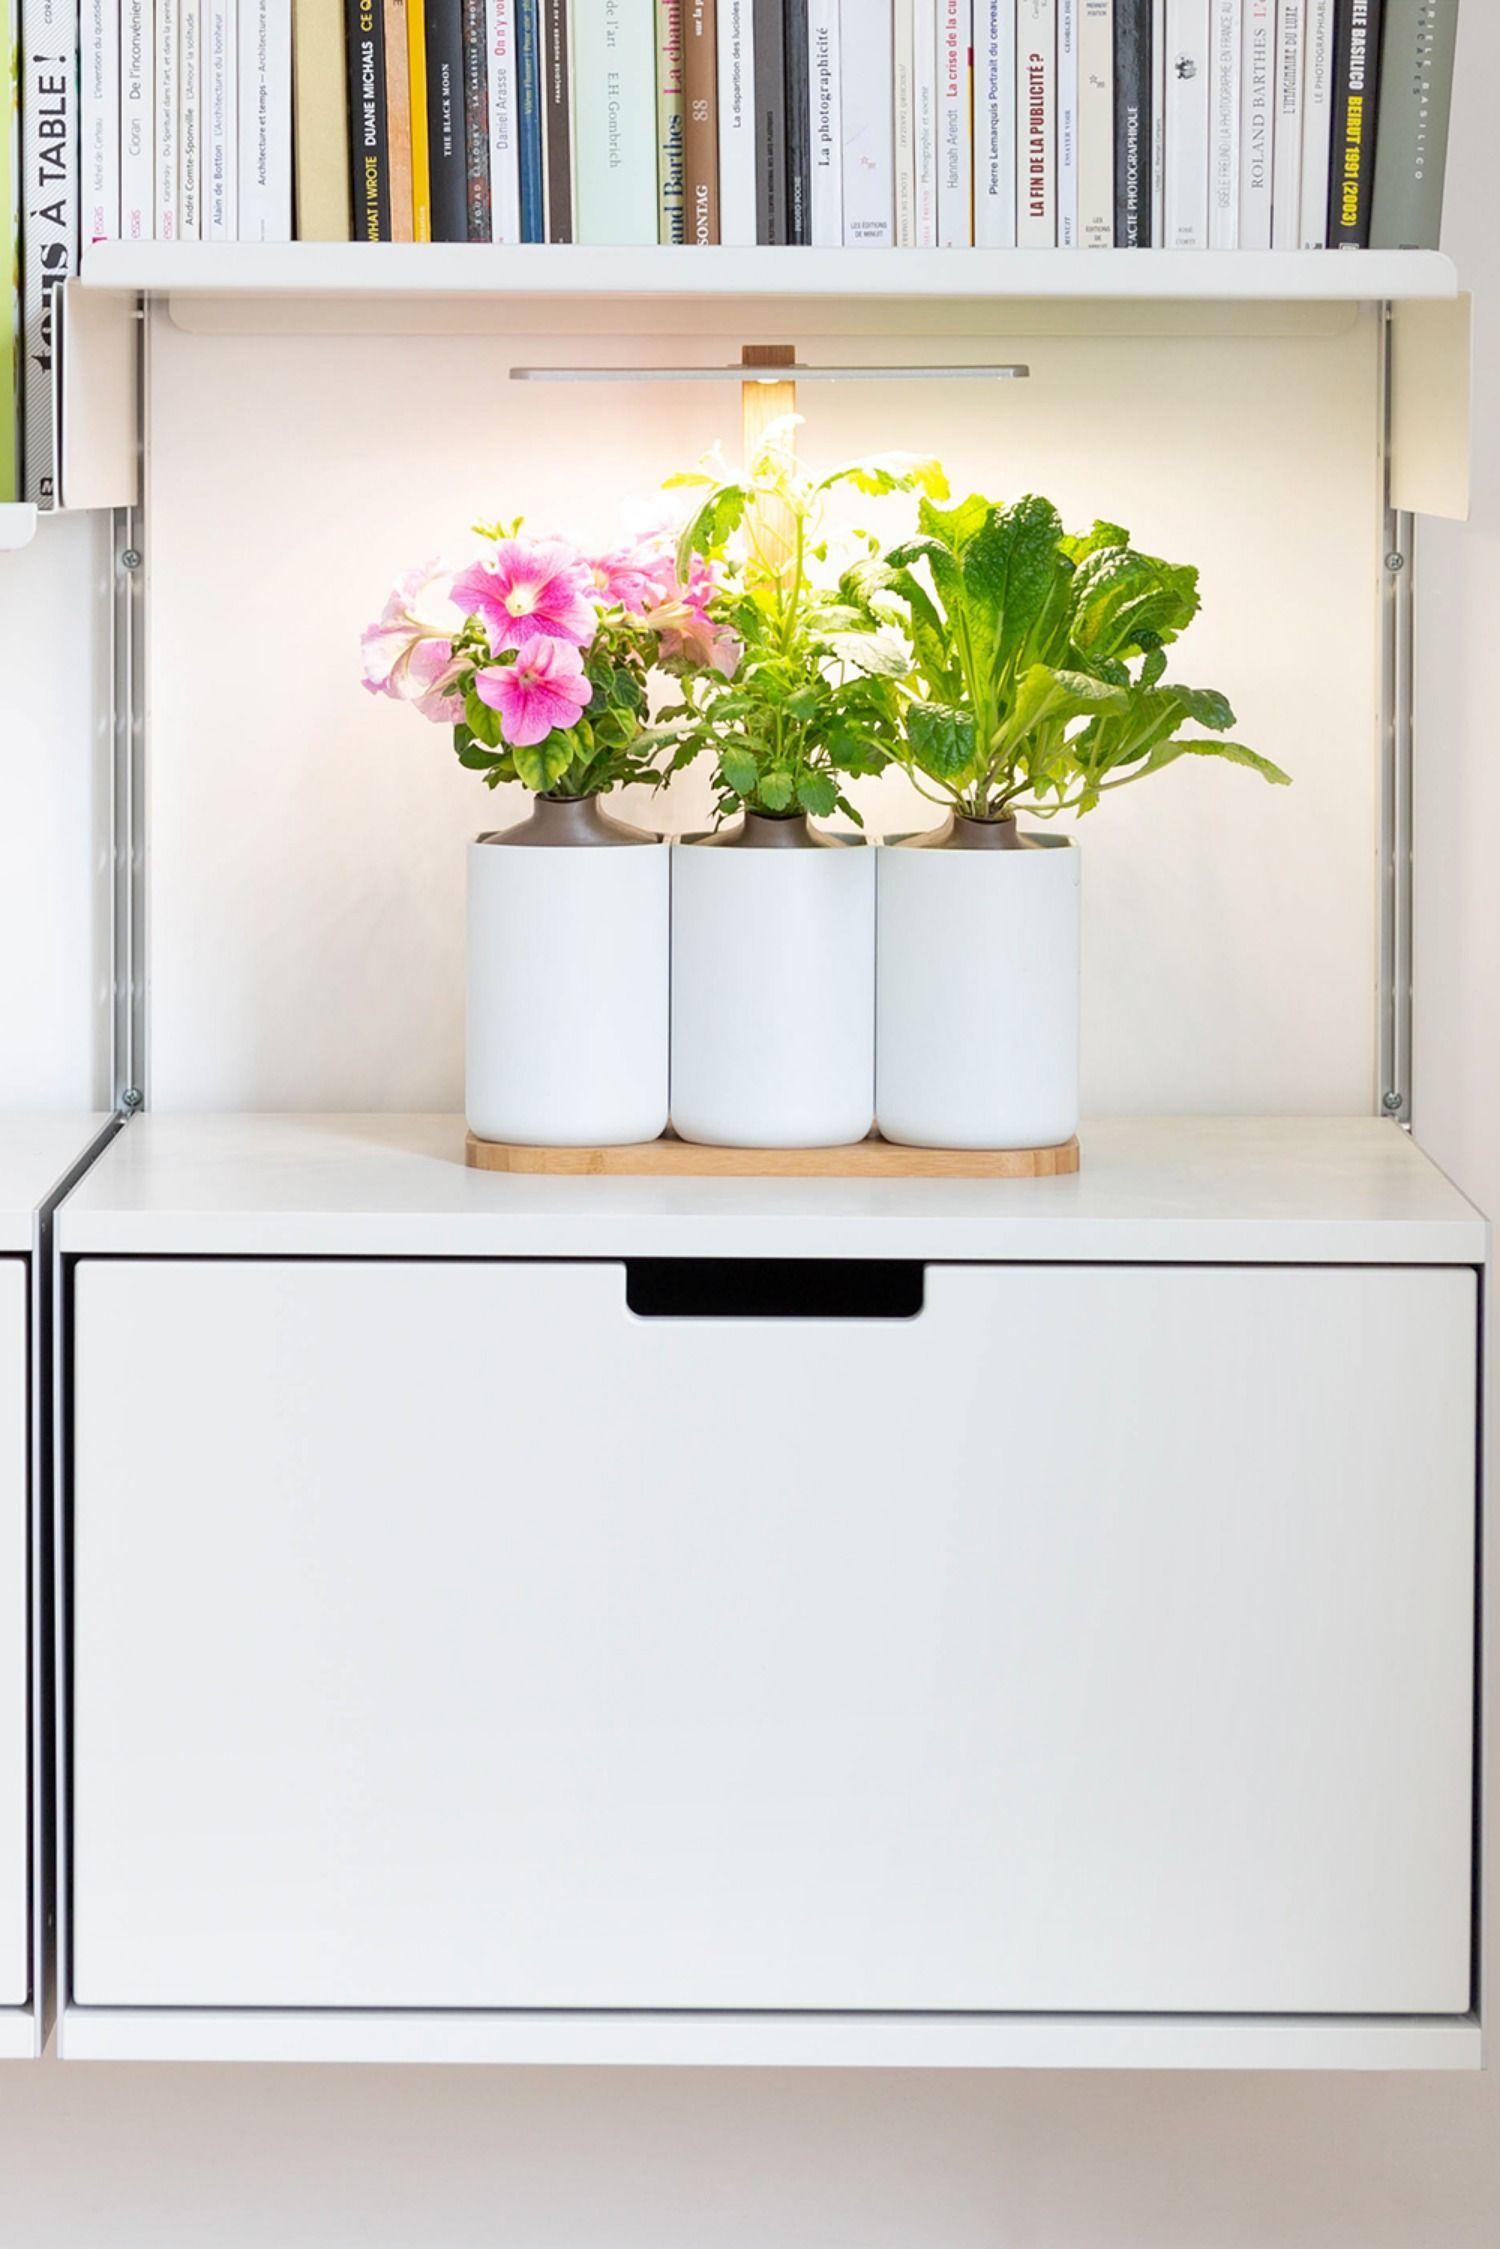 Legumes A Mettre Dans Le Jardin lilo | jardinage de légumes d'intérieur, potager et jardin